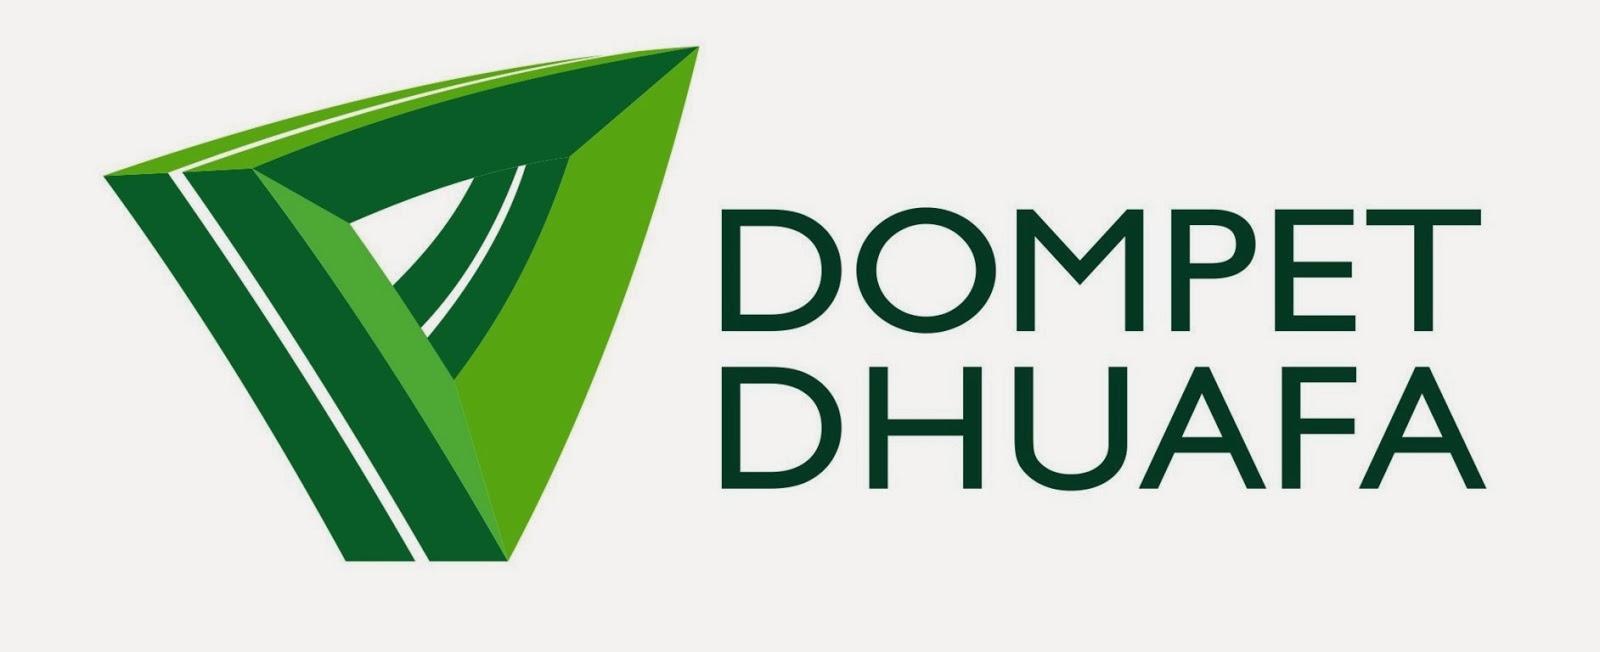 Yayasan Dompet Dhuafa (DD)